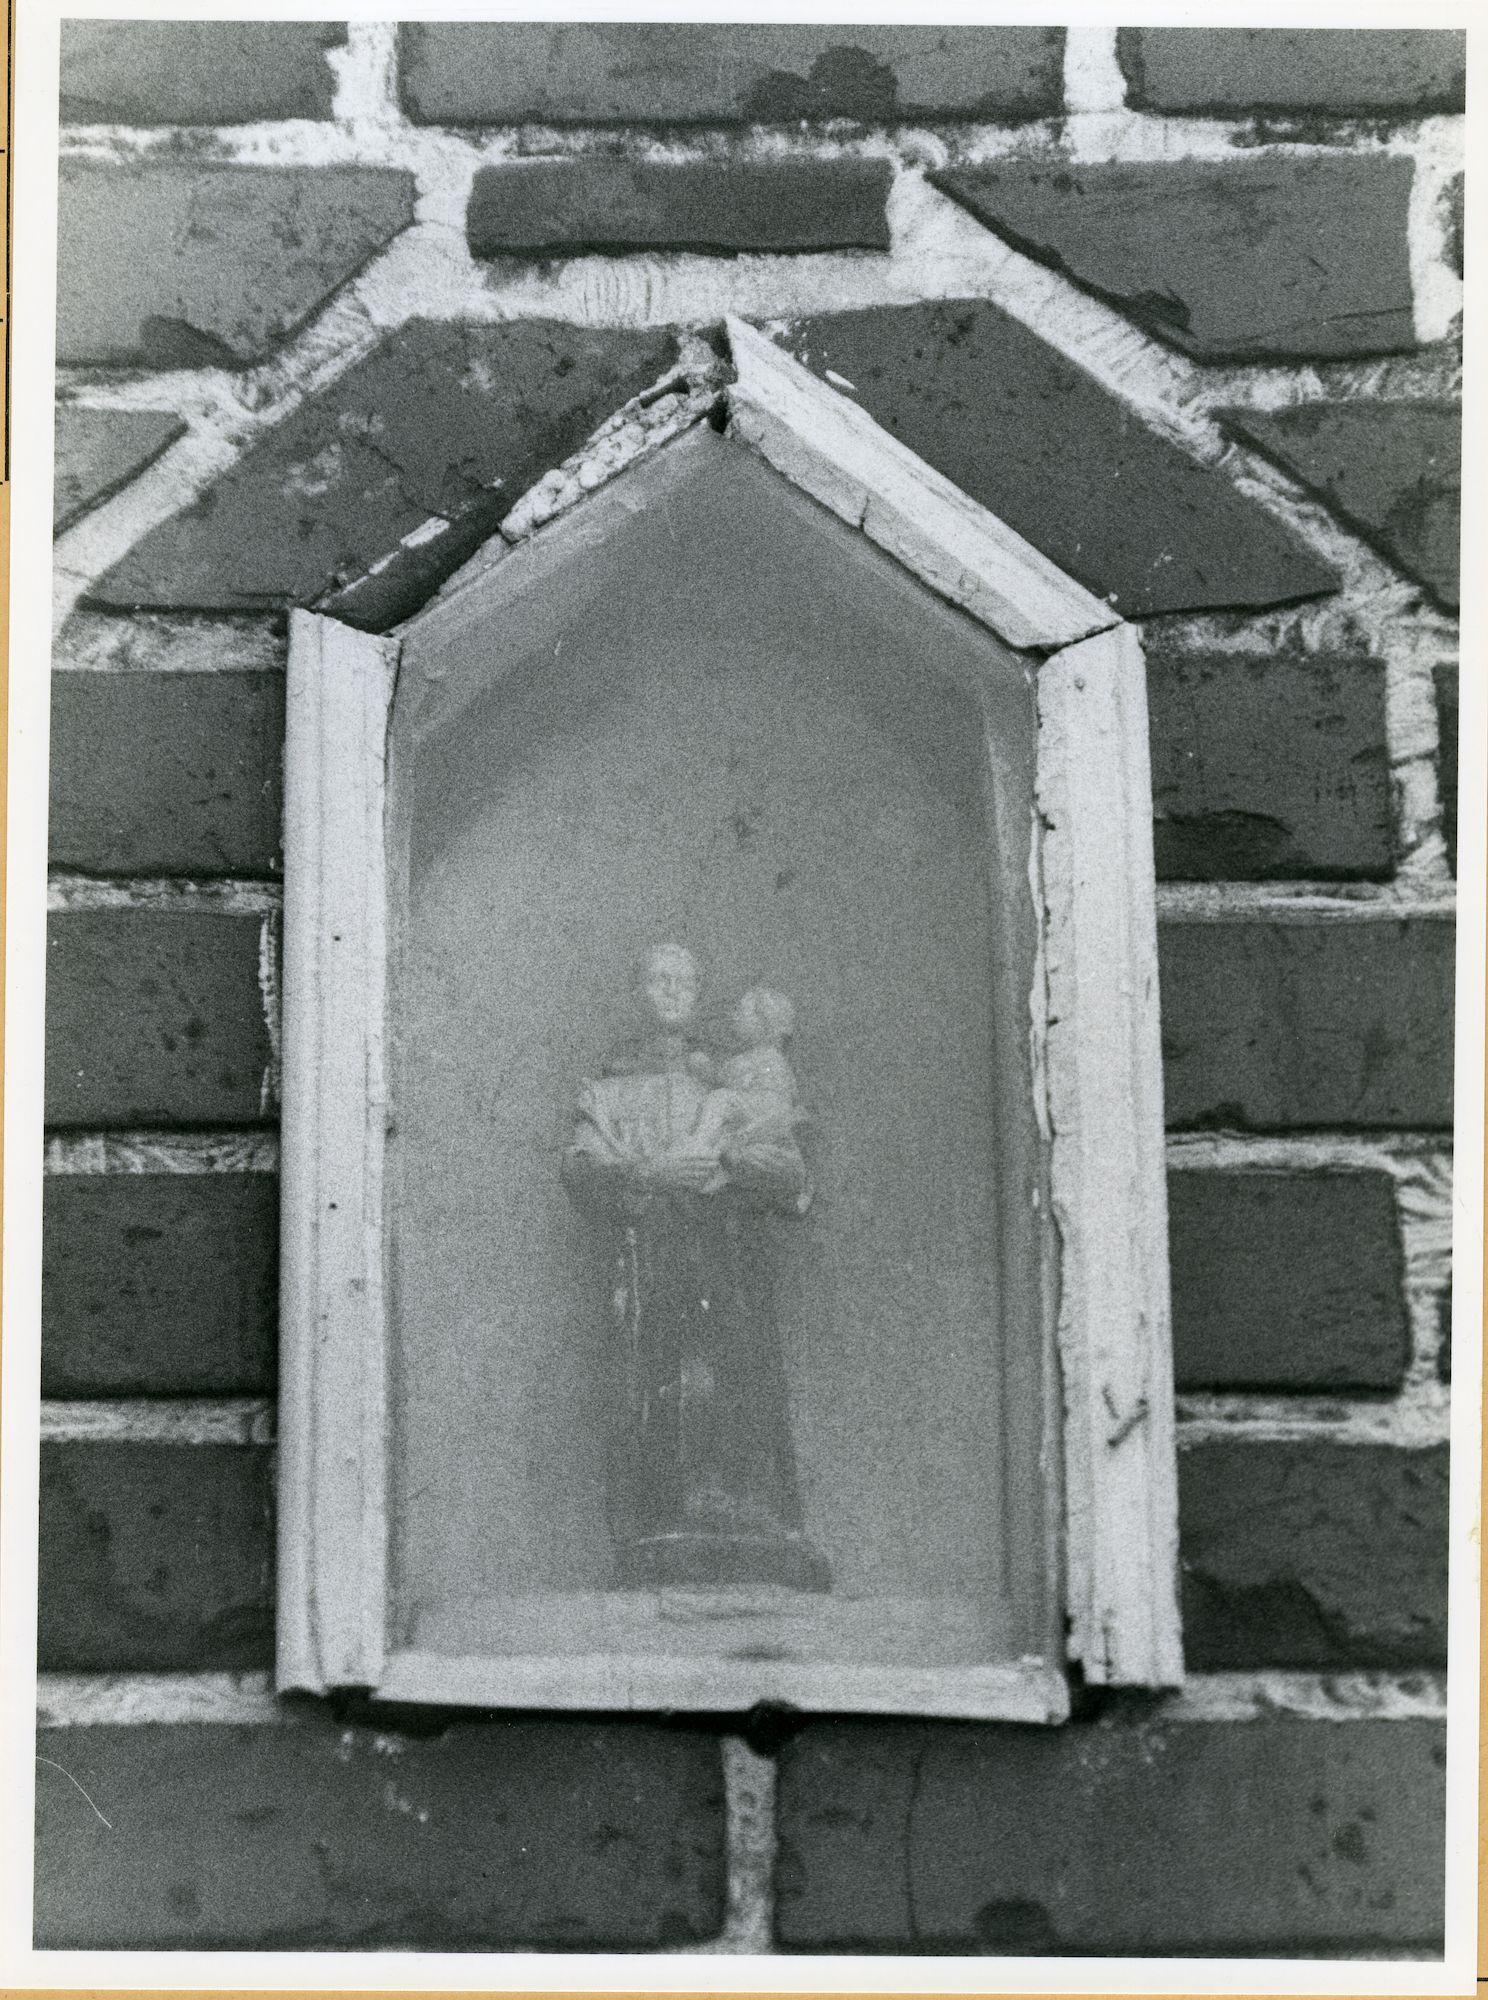 St.-Amandsberg: Antwerpsesteenweg 83: Niskapel, 1979